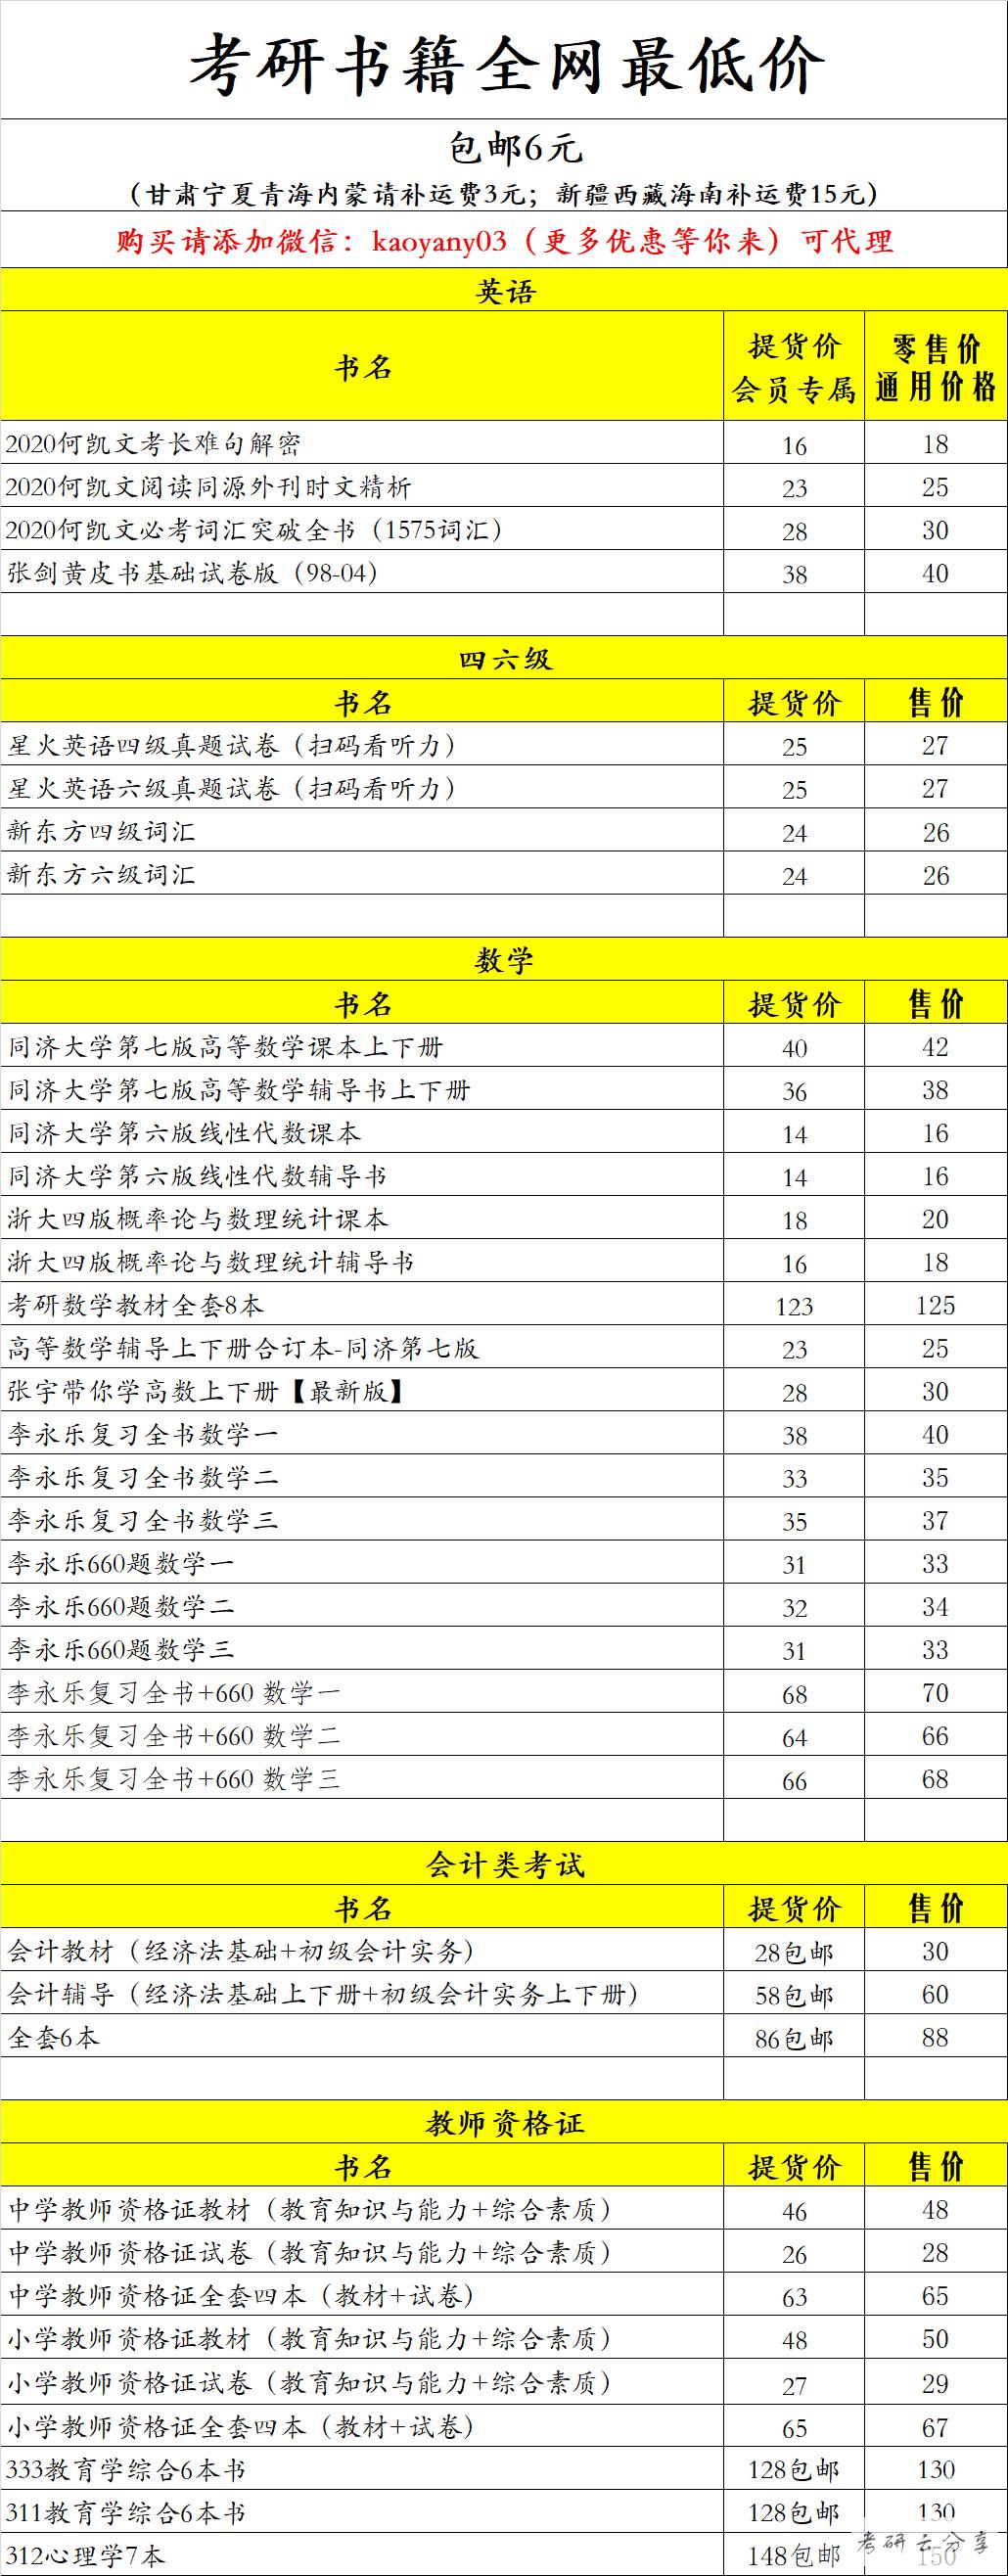 28977-考研云分享商品展示专区可云币可兑换优惠券